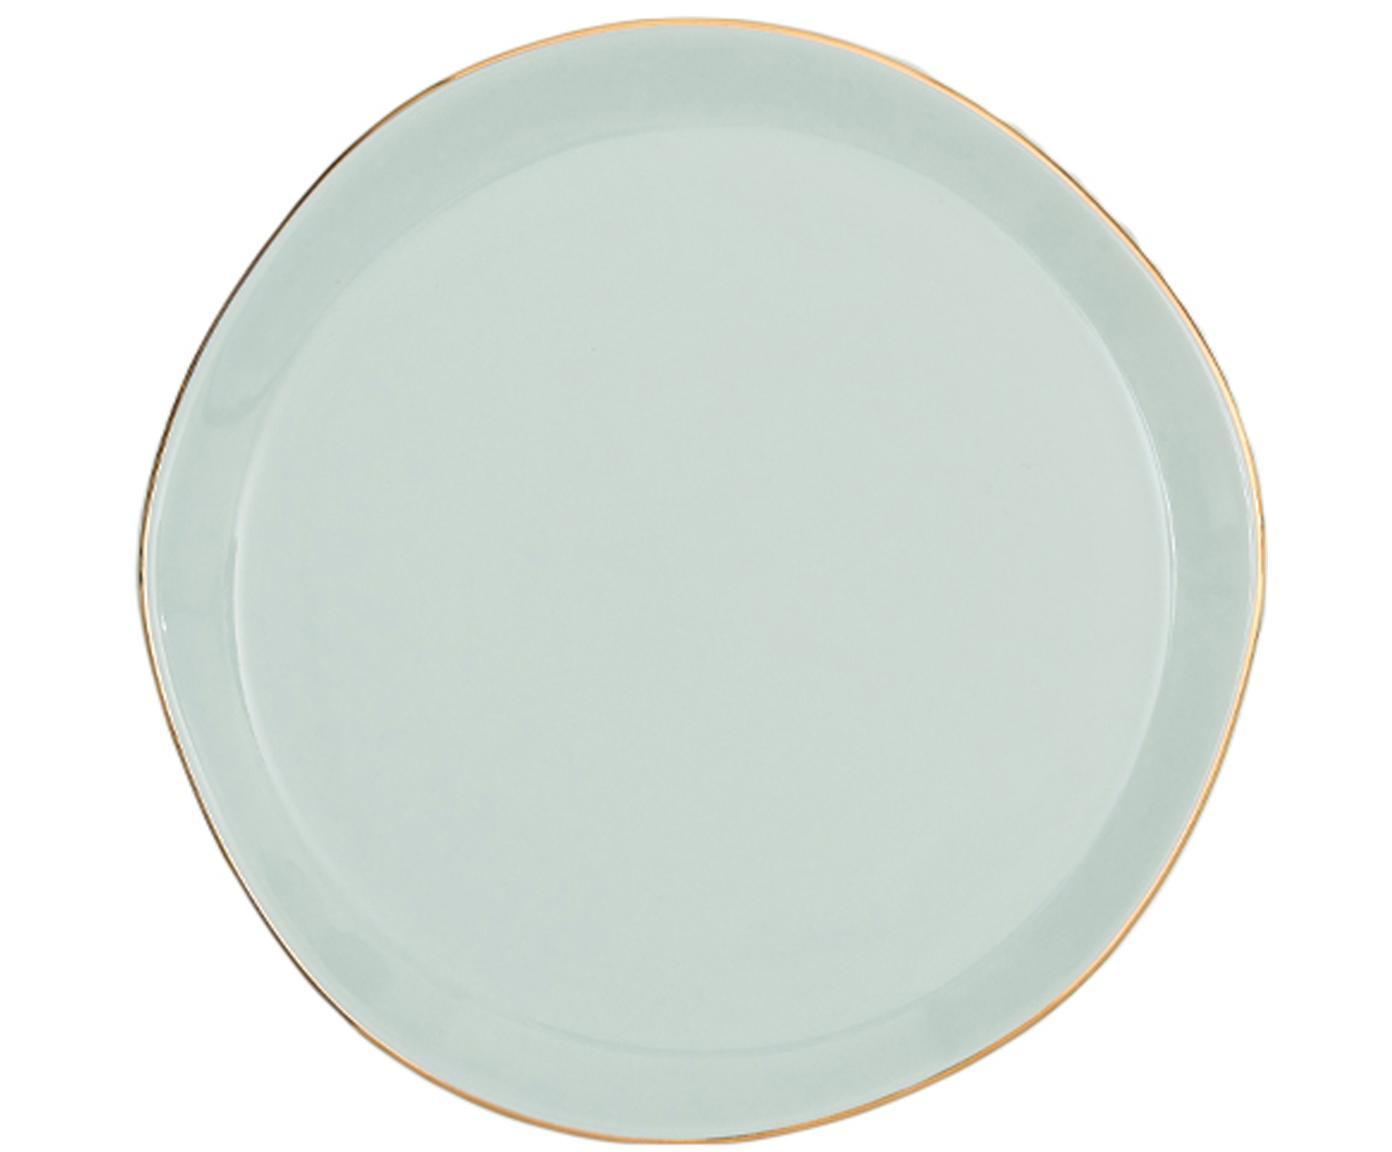 Plato postre Good Morning, Porcelana, Menta, dorado, Ø 17 cm